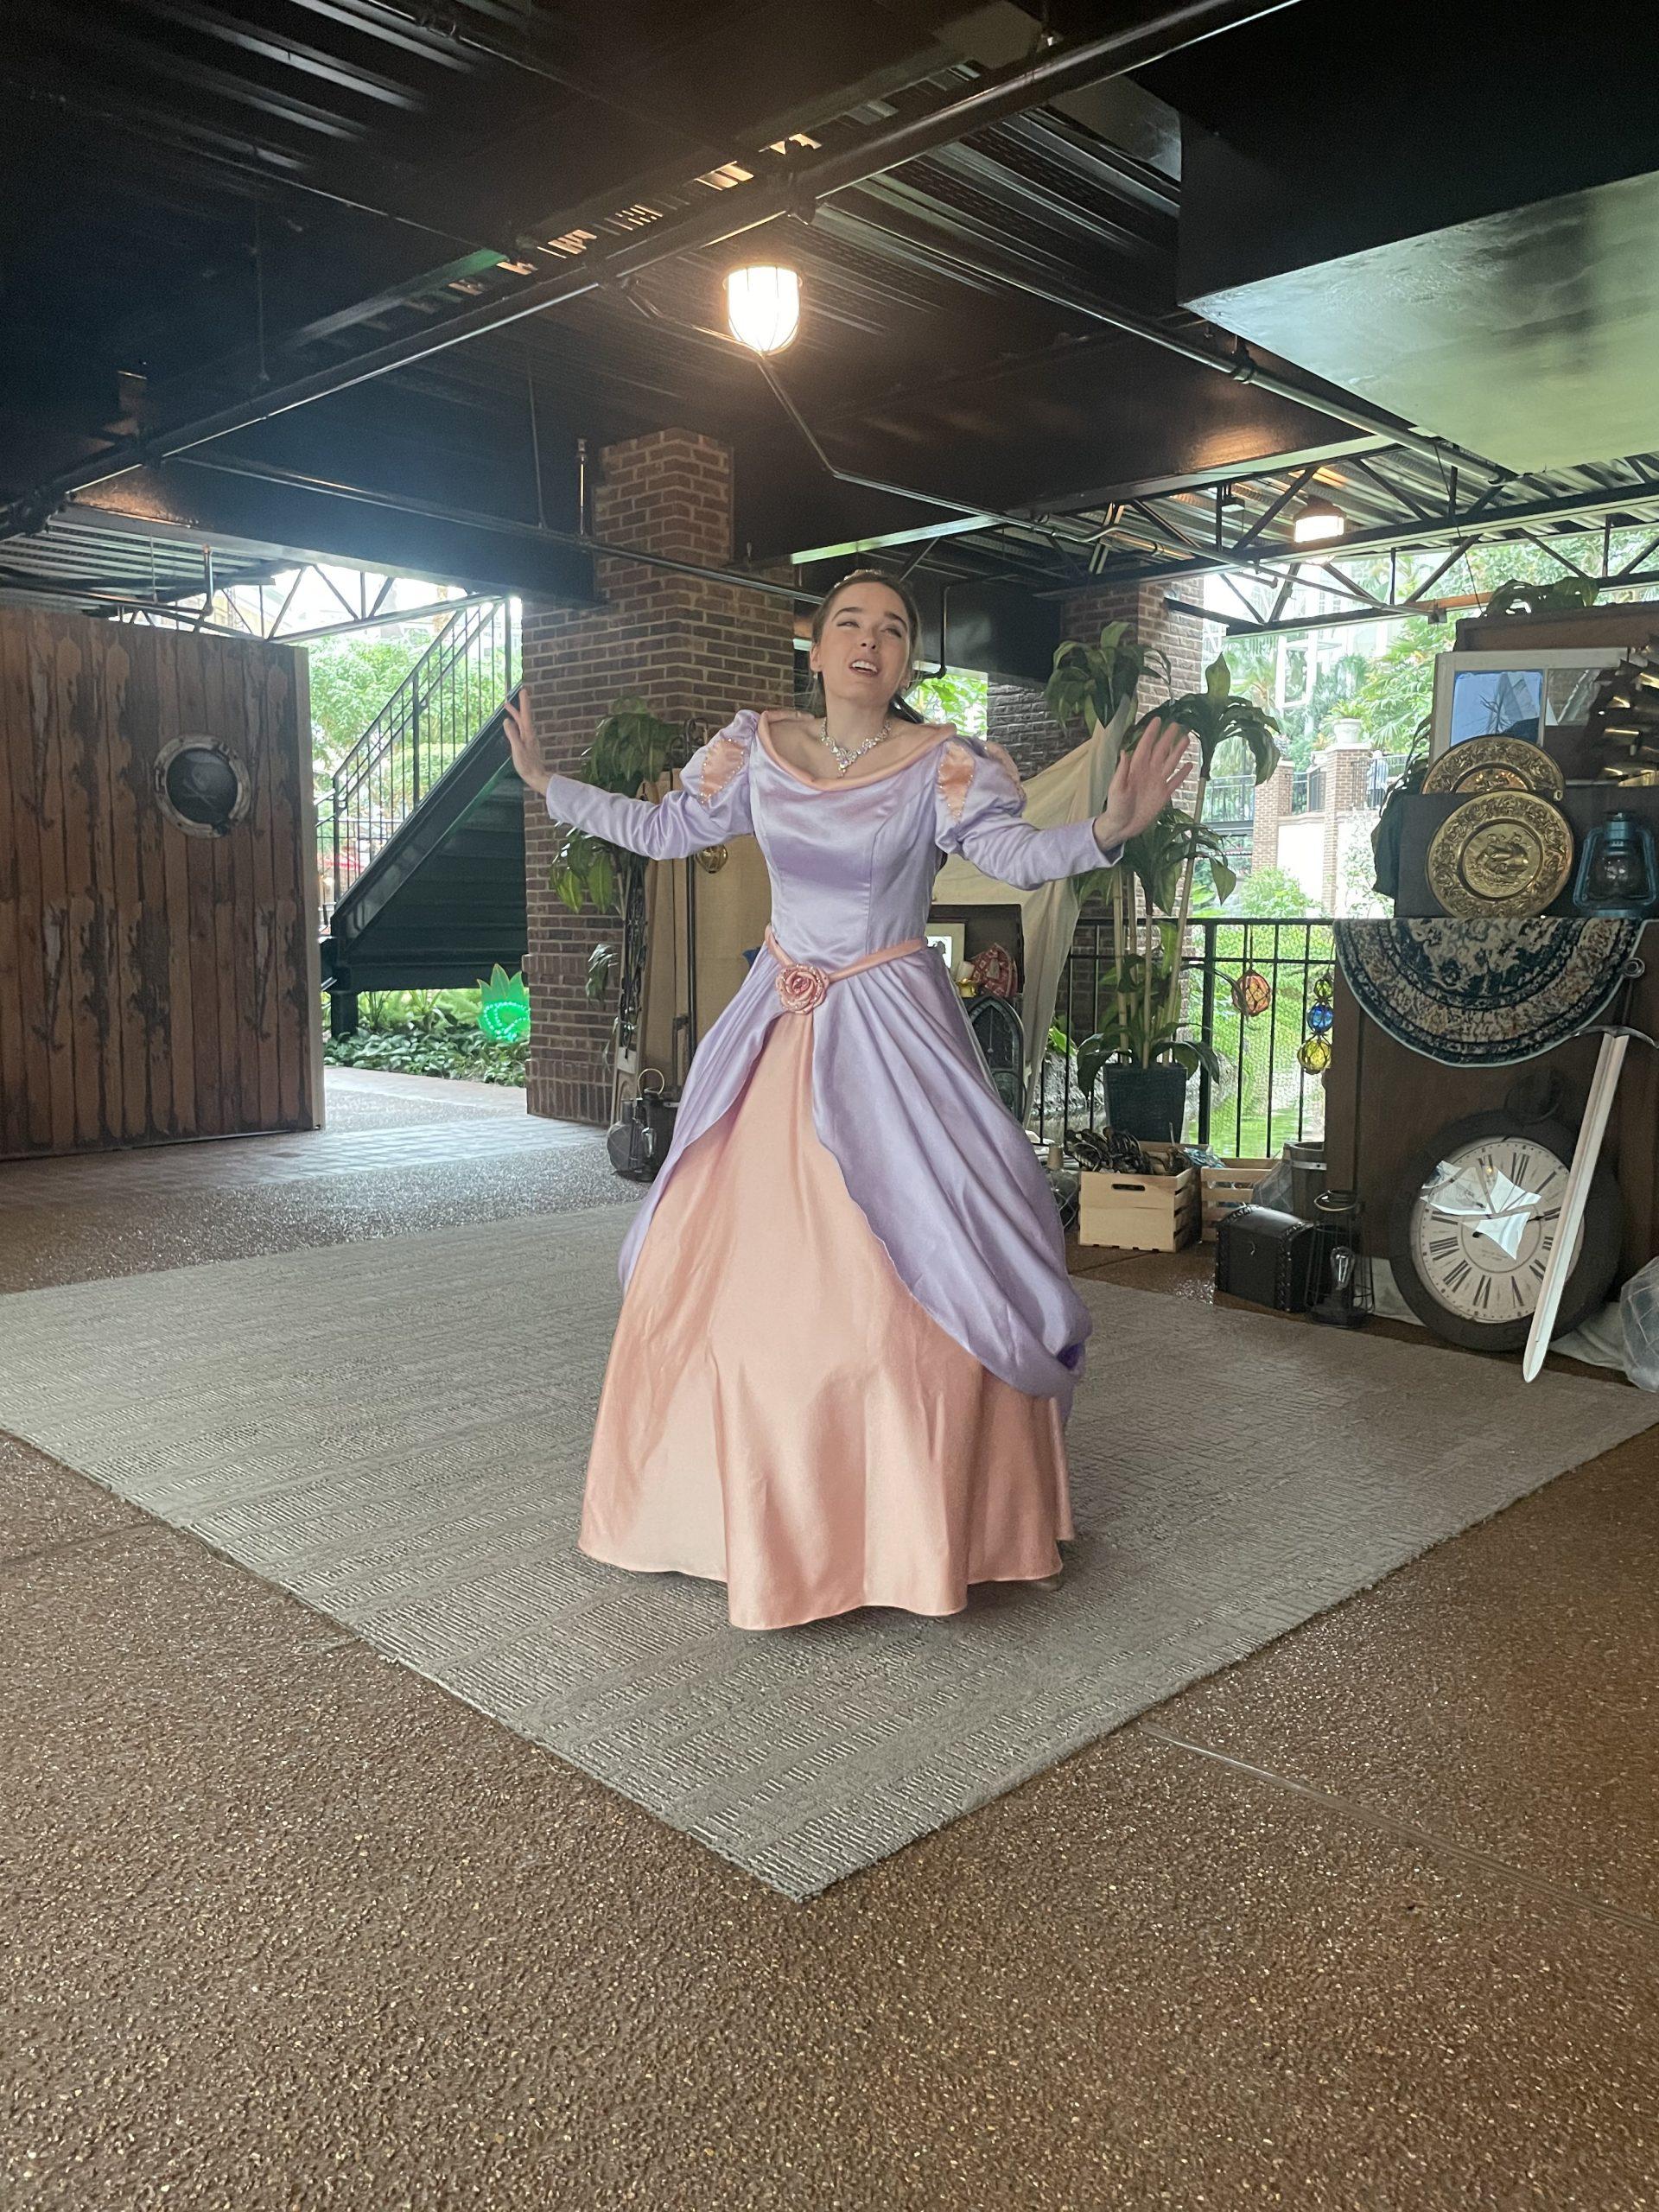 Princess at Opryland